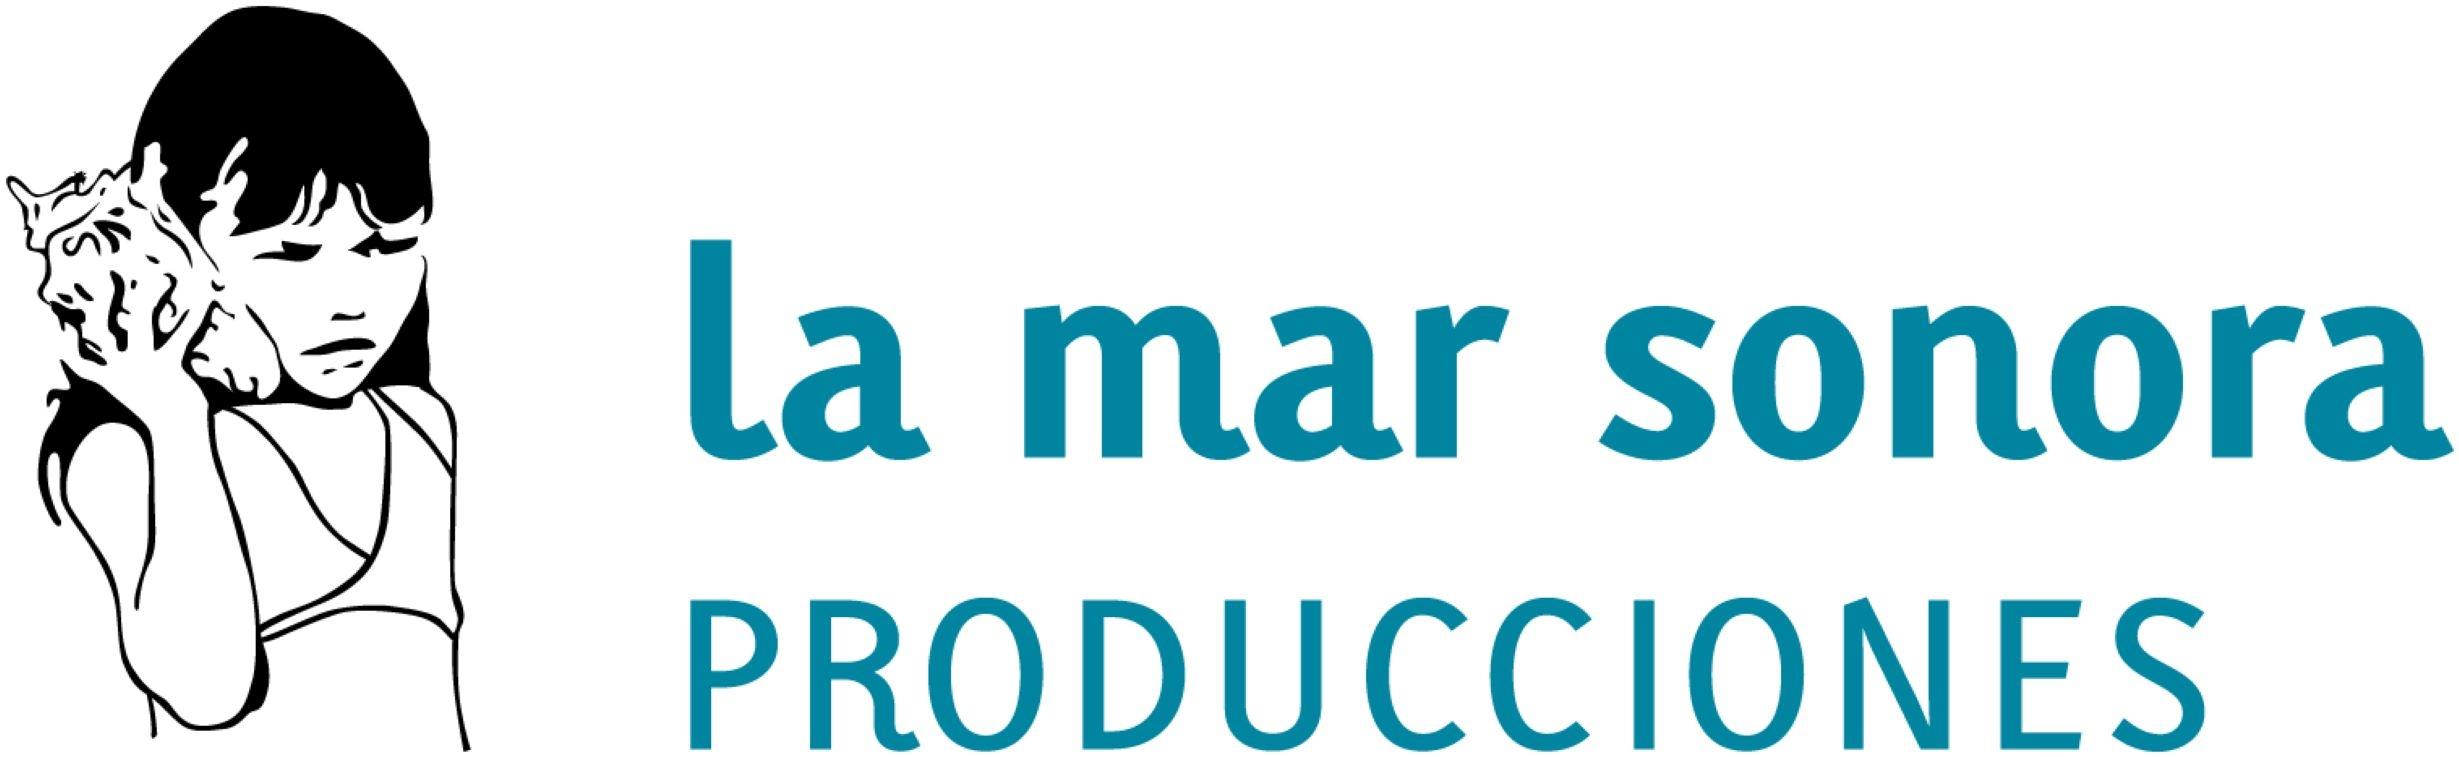 Sounds From Spain - La Mar Sonora Producciones S.L.